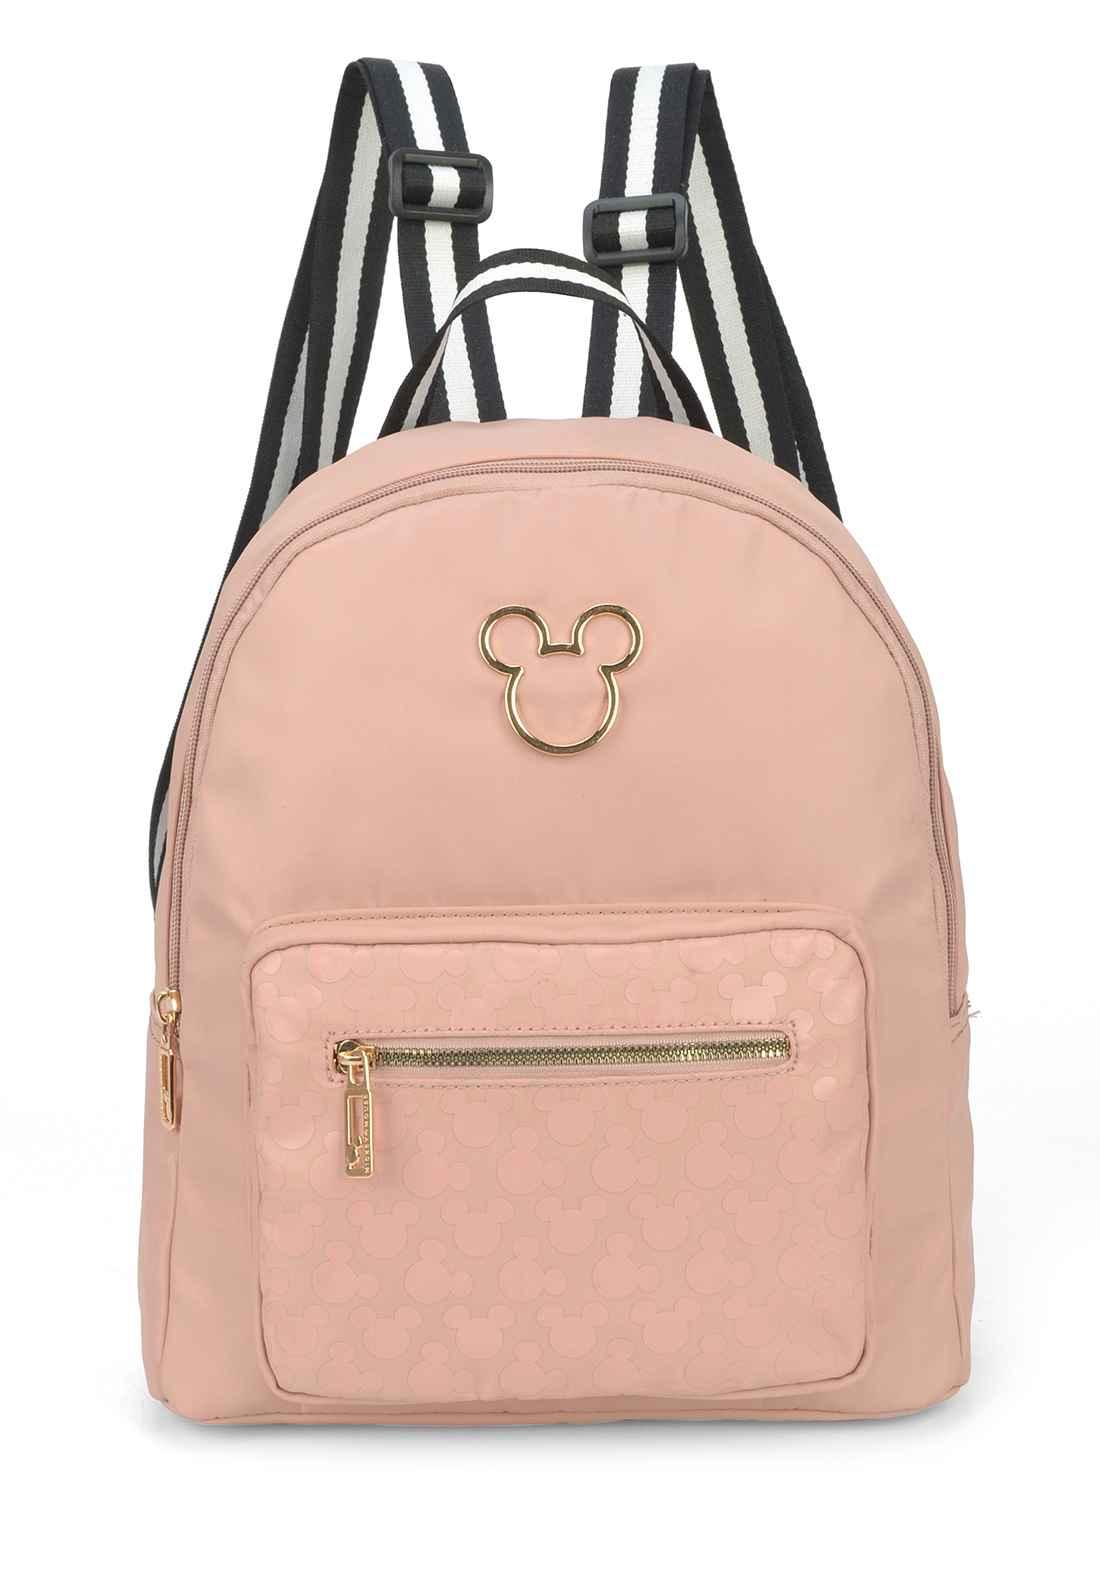 Bolsa de Costas Feminina Mickey Mouse BMK78482